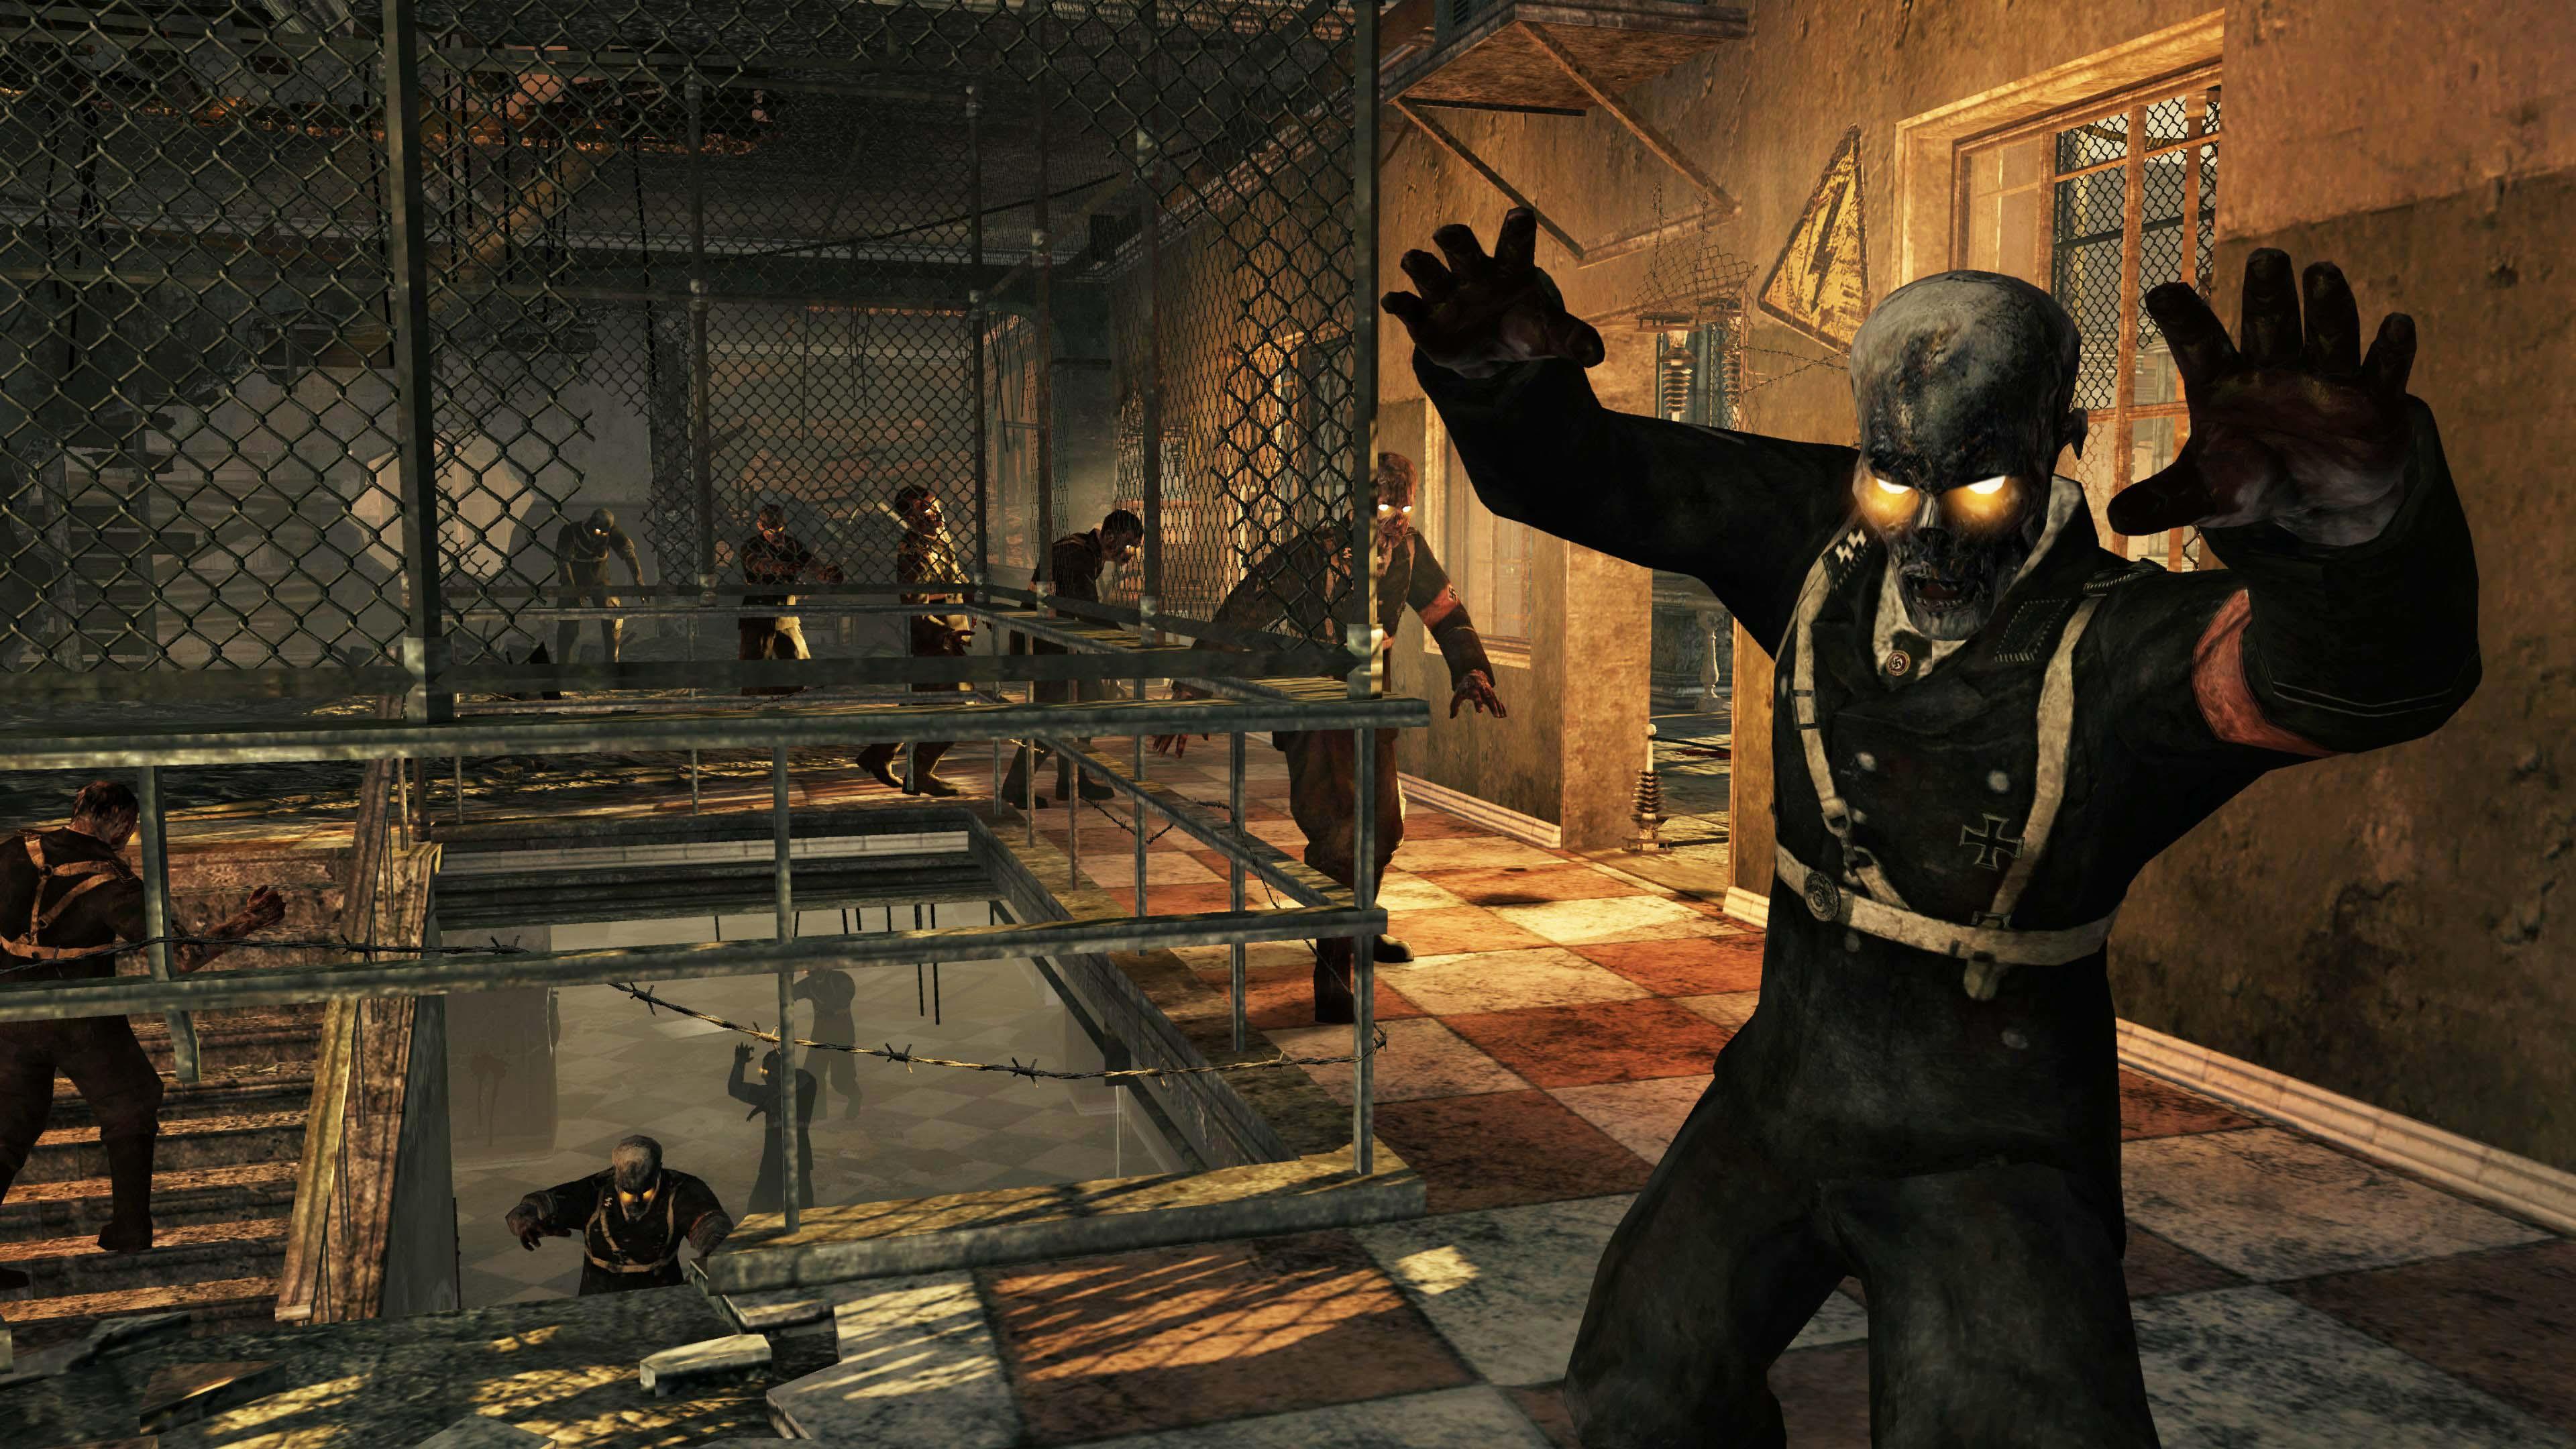 Call Of Duty Zombies Verruckt Wallpaper 52279 3840x2160px